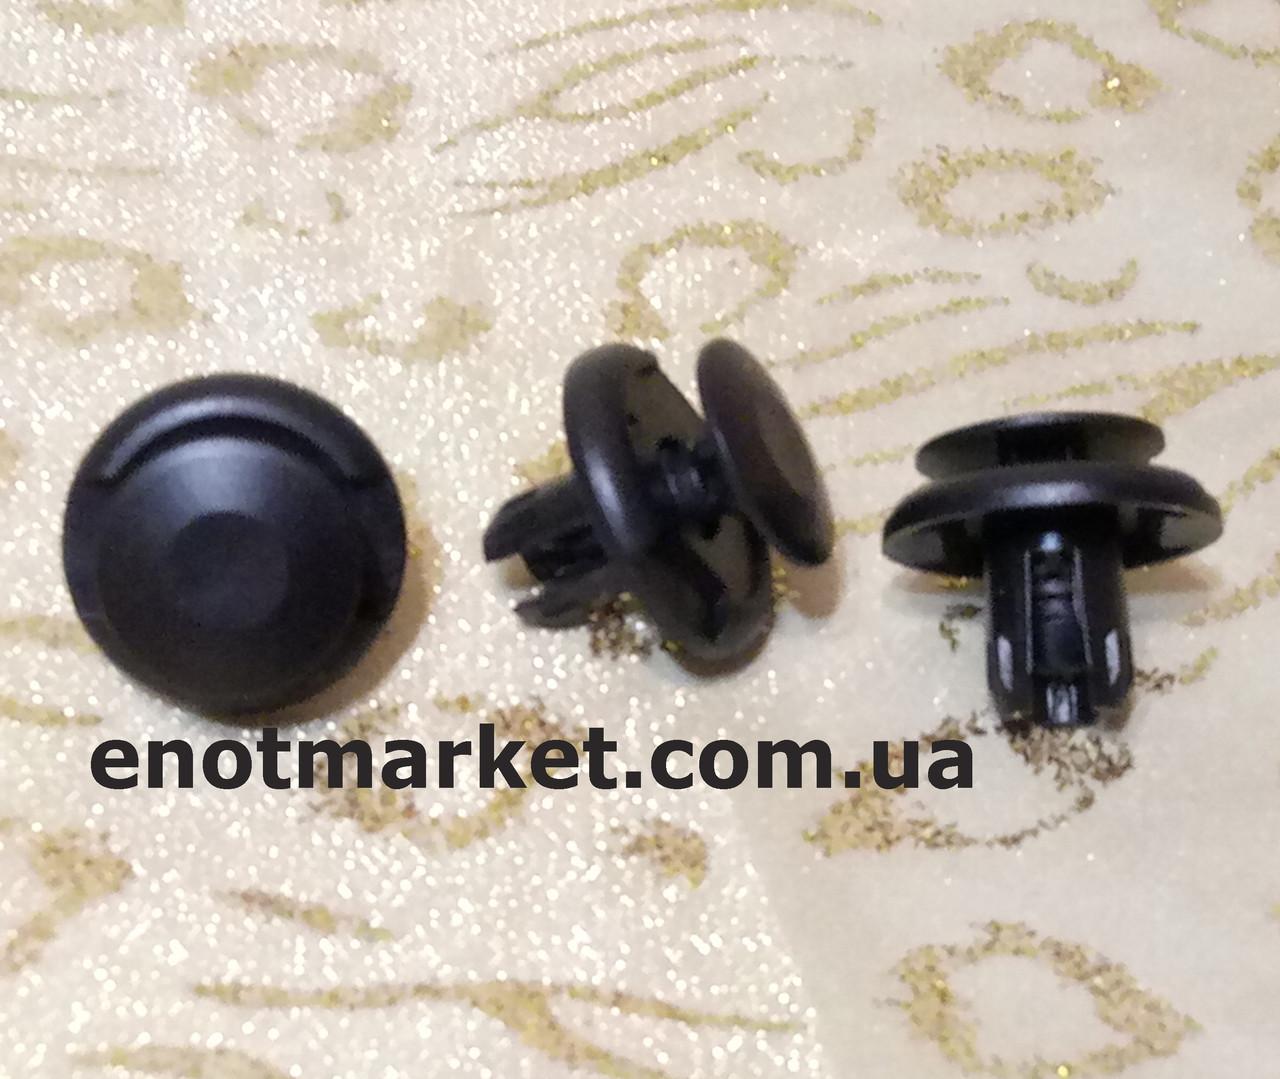 Нажимное универсальное много моделей Mitsubishi. ОЕМ: 91512SX0003, MU000319, MR220501, 91512-SX0-003